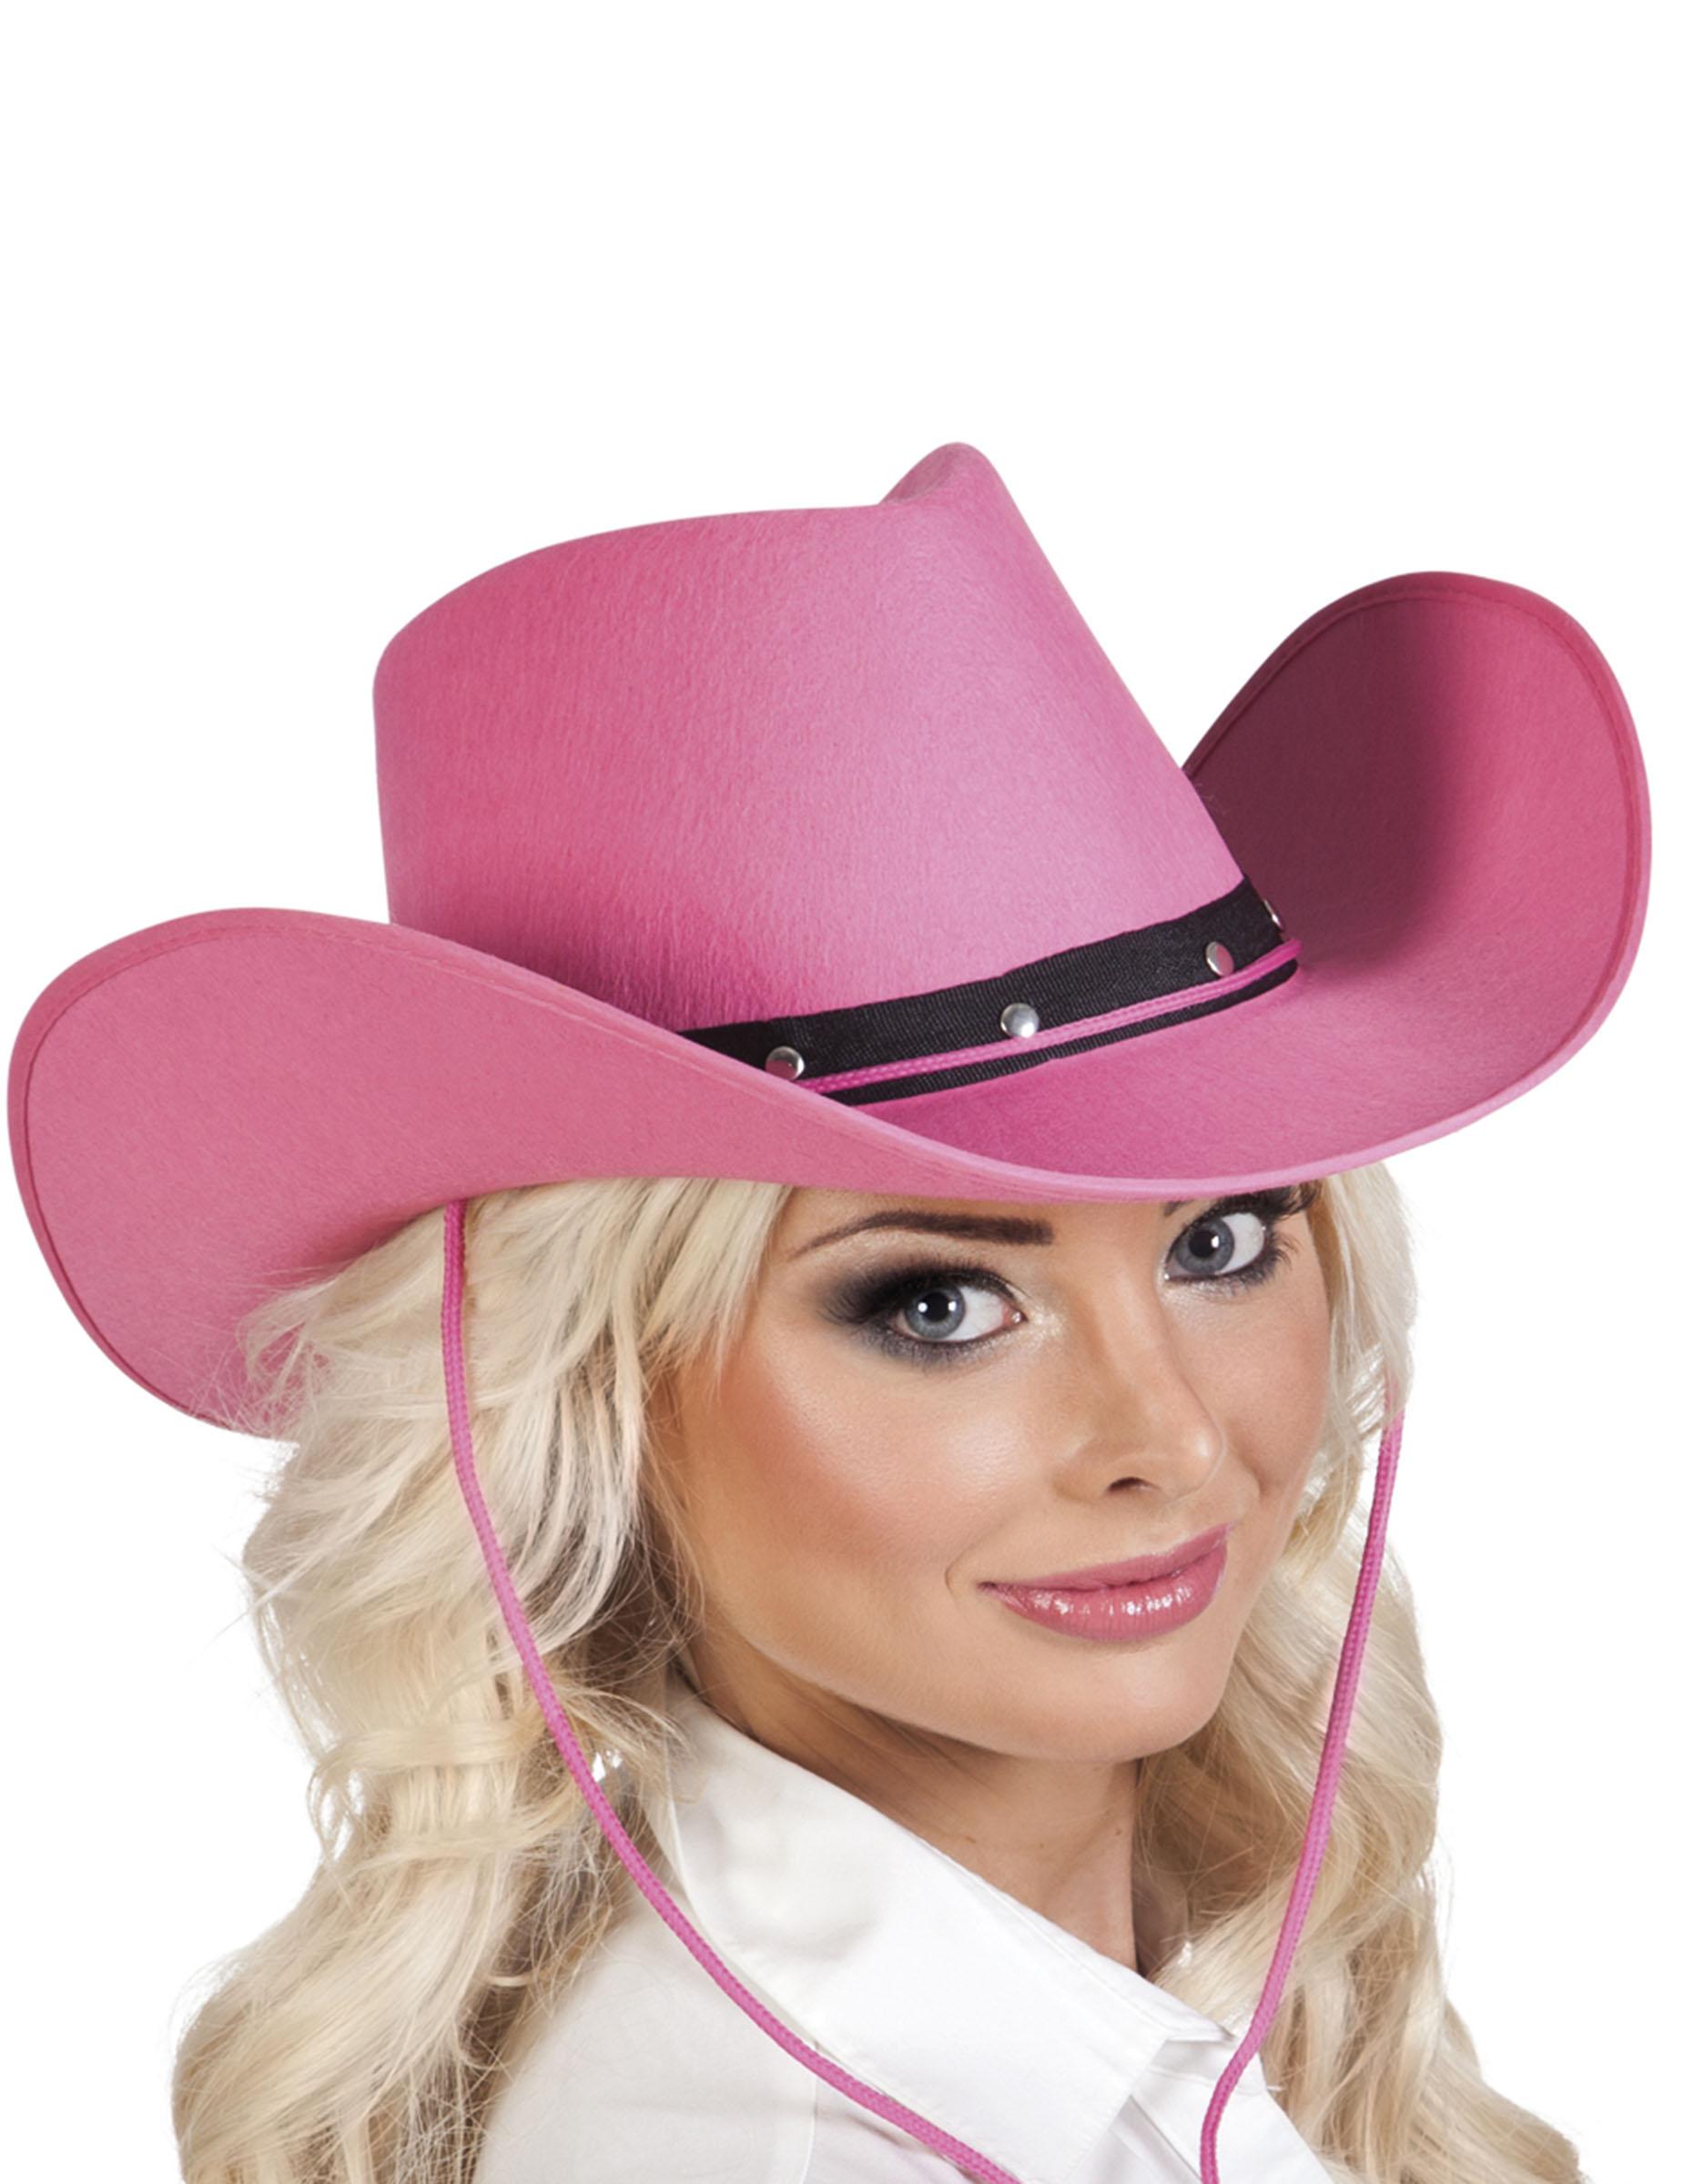 chapeau cowboy rose adulte achat de chapeaux sur vegaoopro grossiste en d guisements. Black Bedroom Furniture Sets. Home Design Ideas